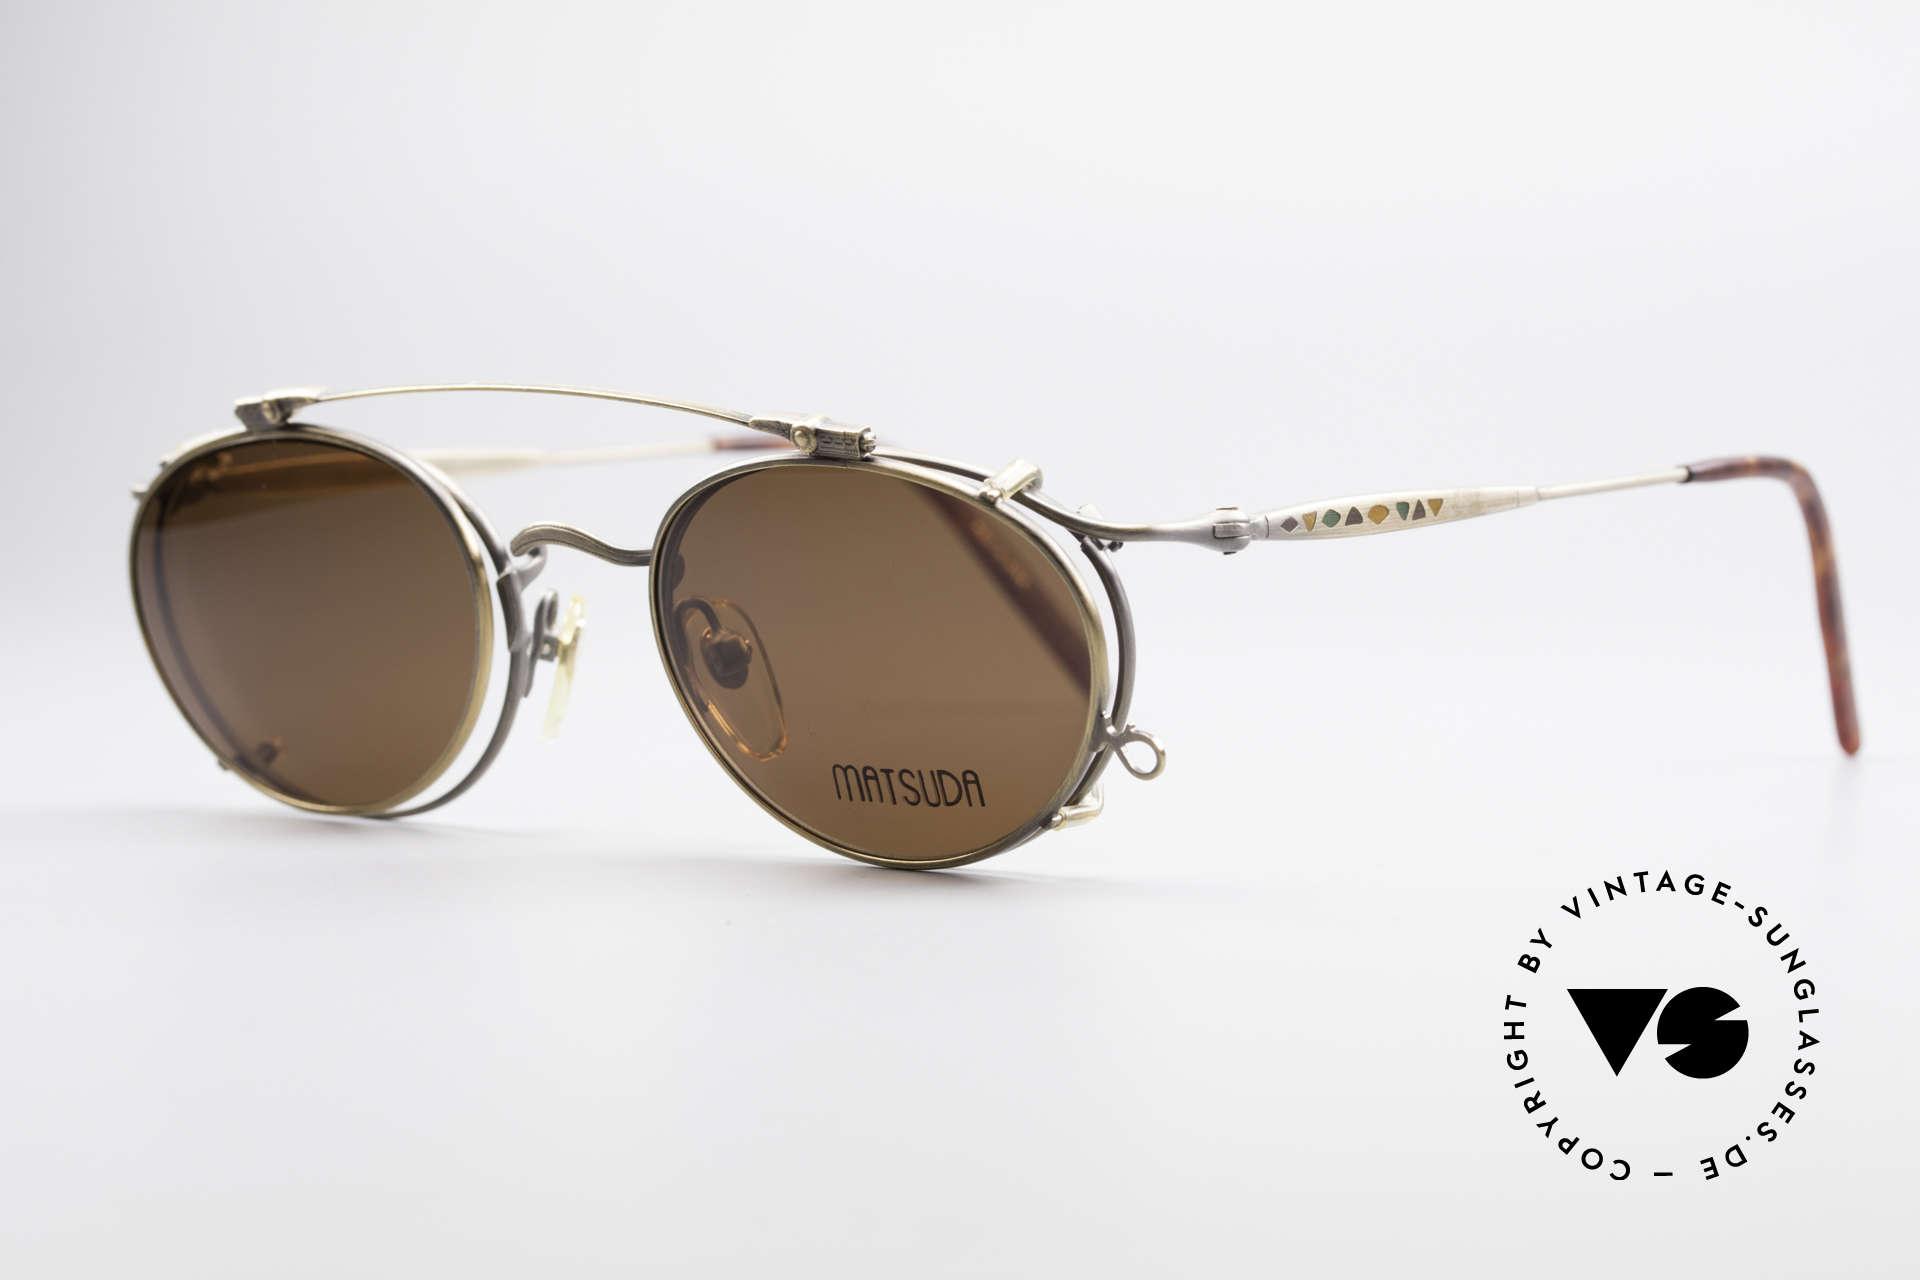 """Matsuda 2853 Steampunk Vintage Brille, viele interessante Rahmendetails im """"Retro-Futurismus"""", Passend für Herren"""